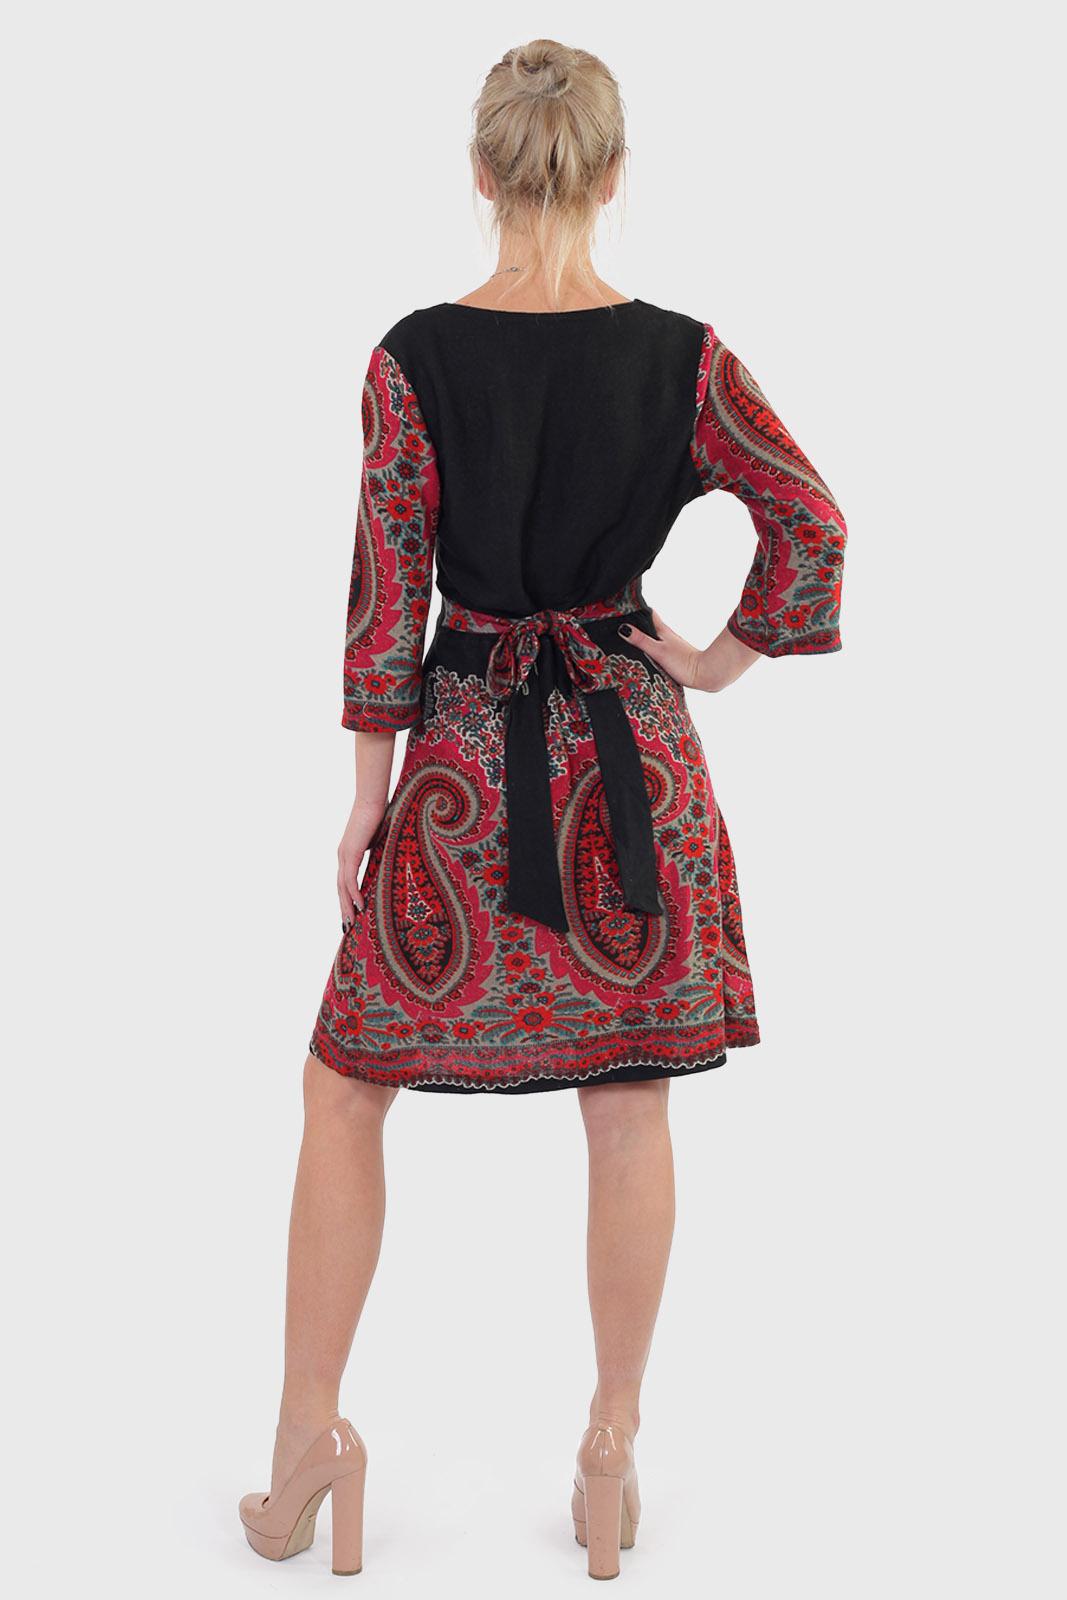 Богемная ЭТНИКА! Трикотажное платье А-силуэт от ANGIE.